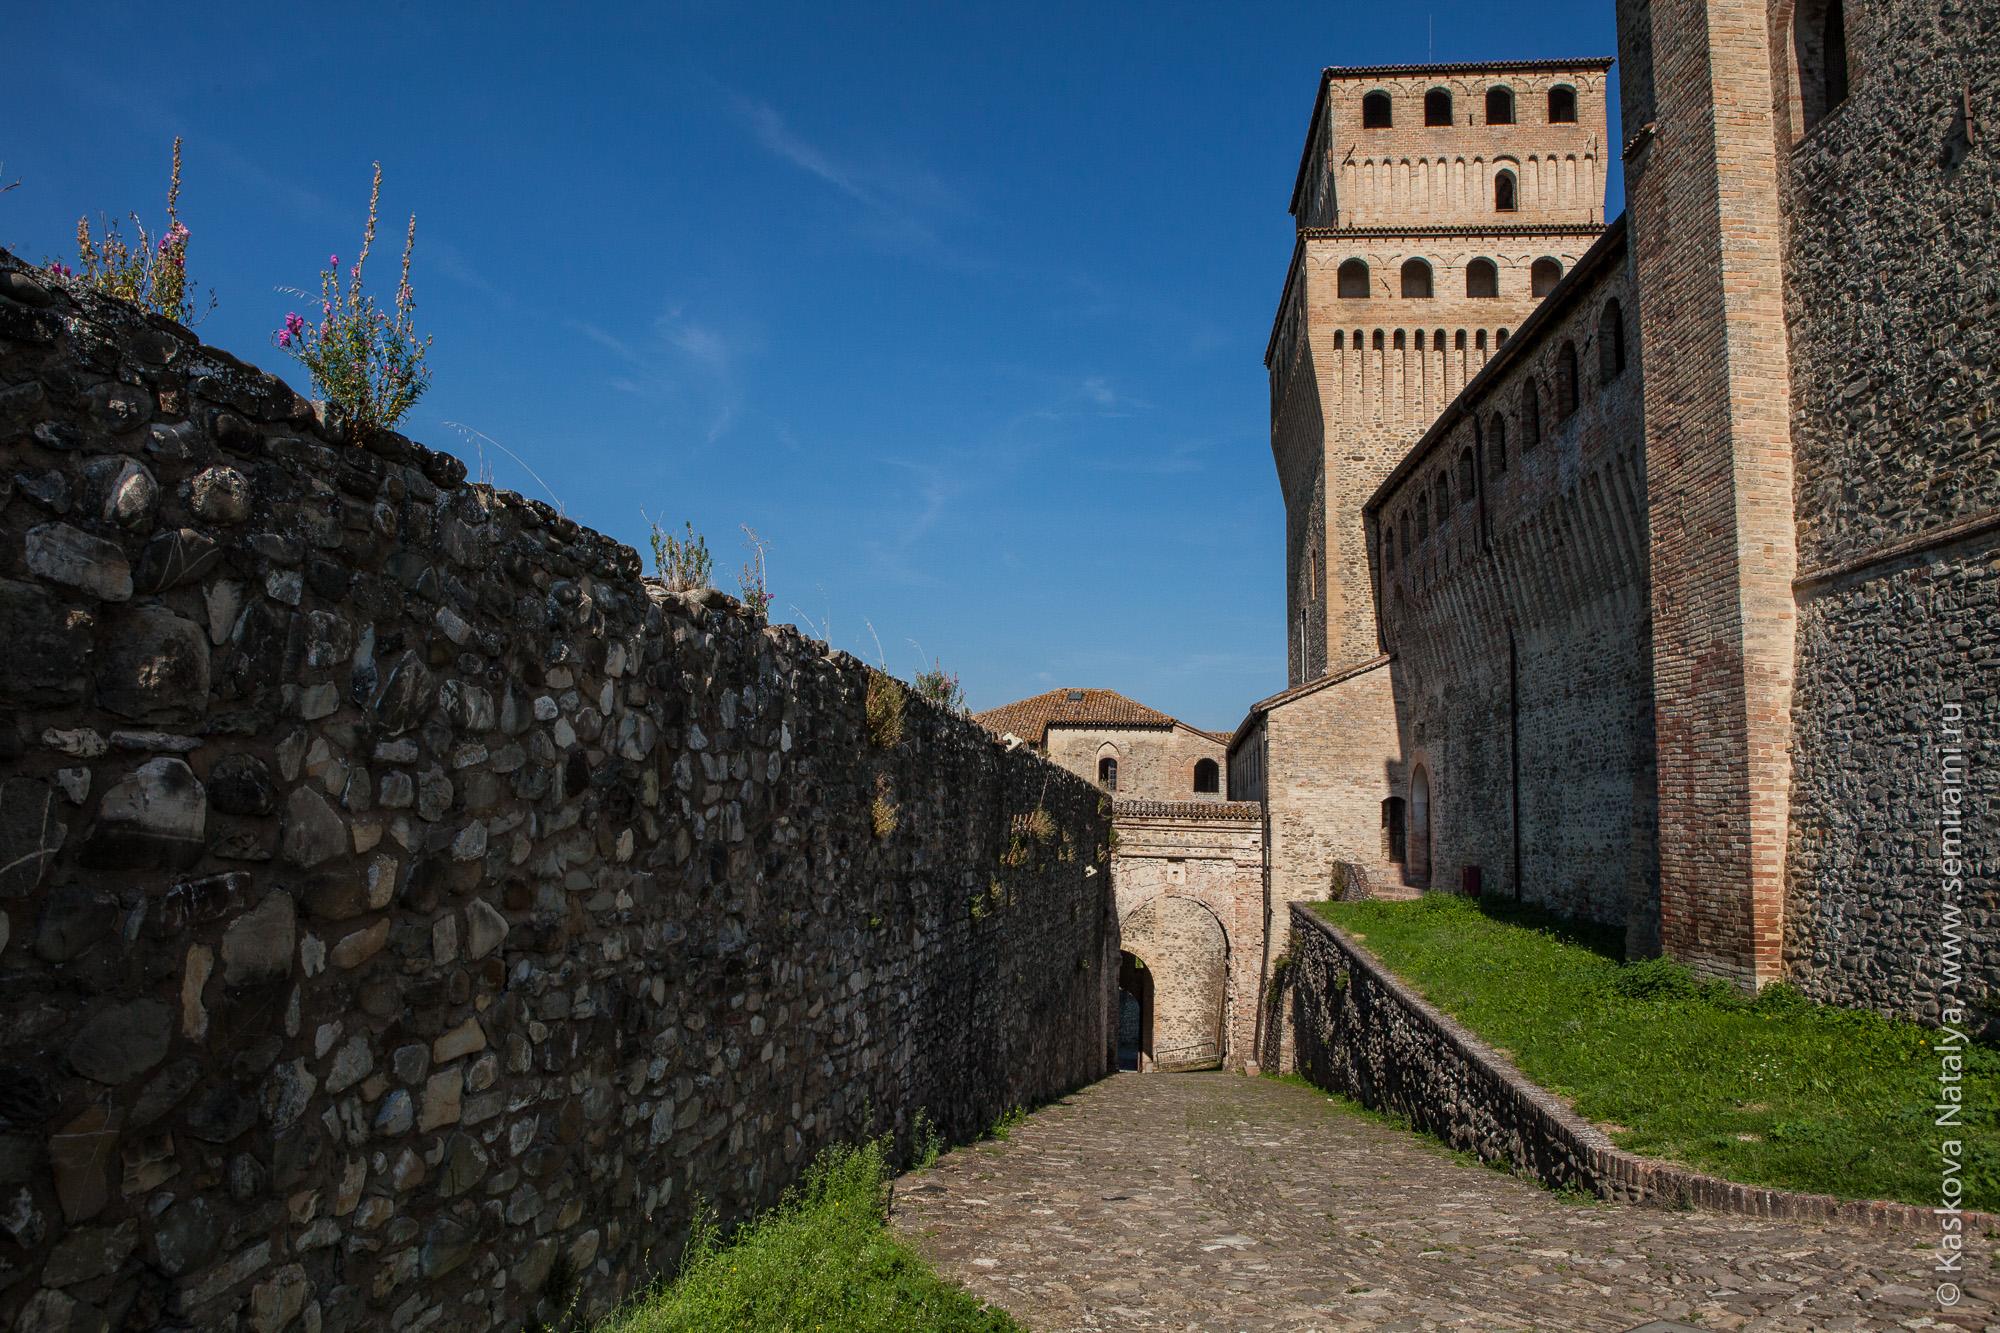 Castello di conegliano foto 4